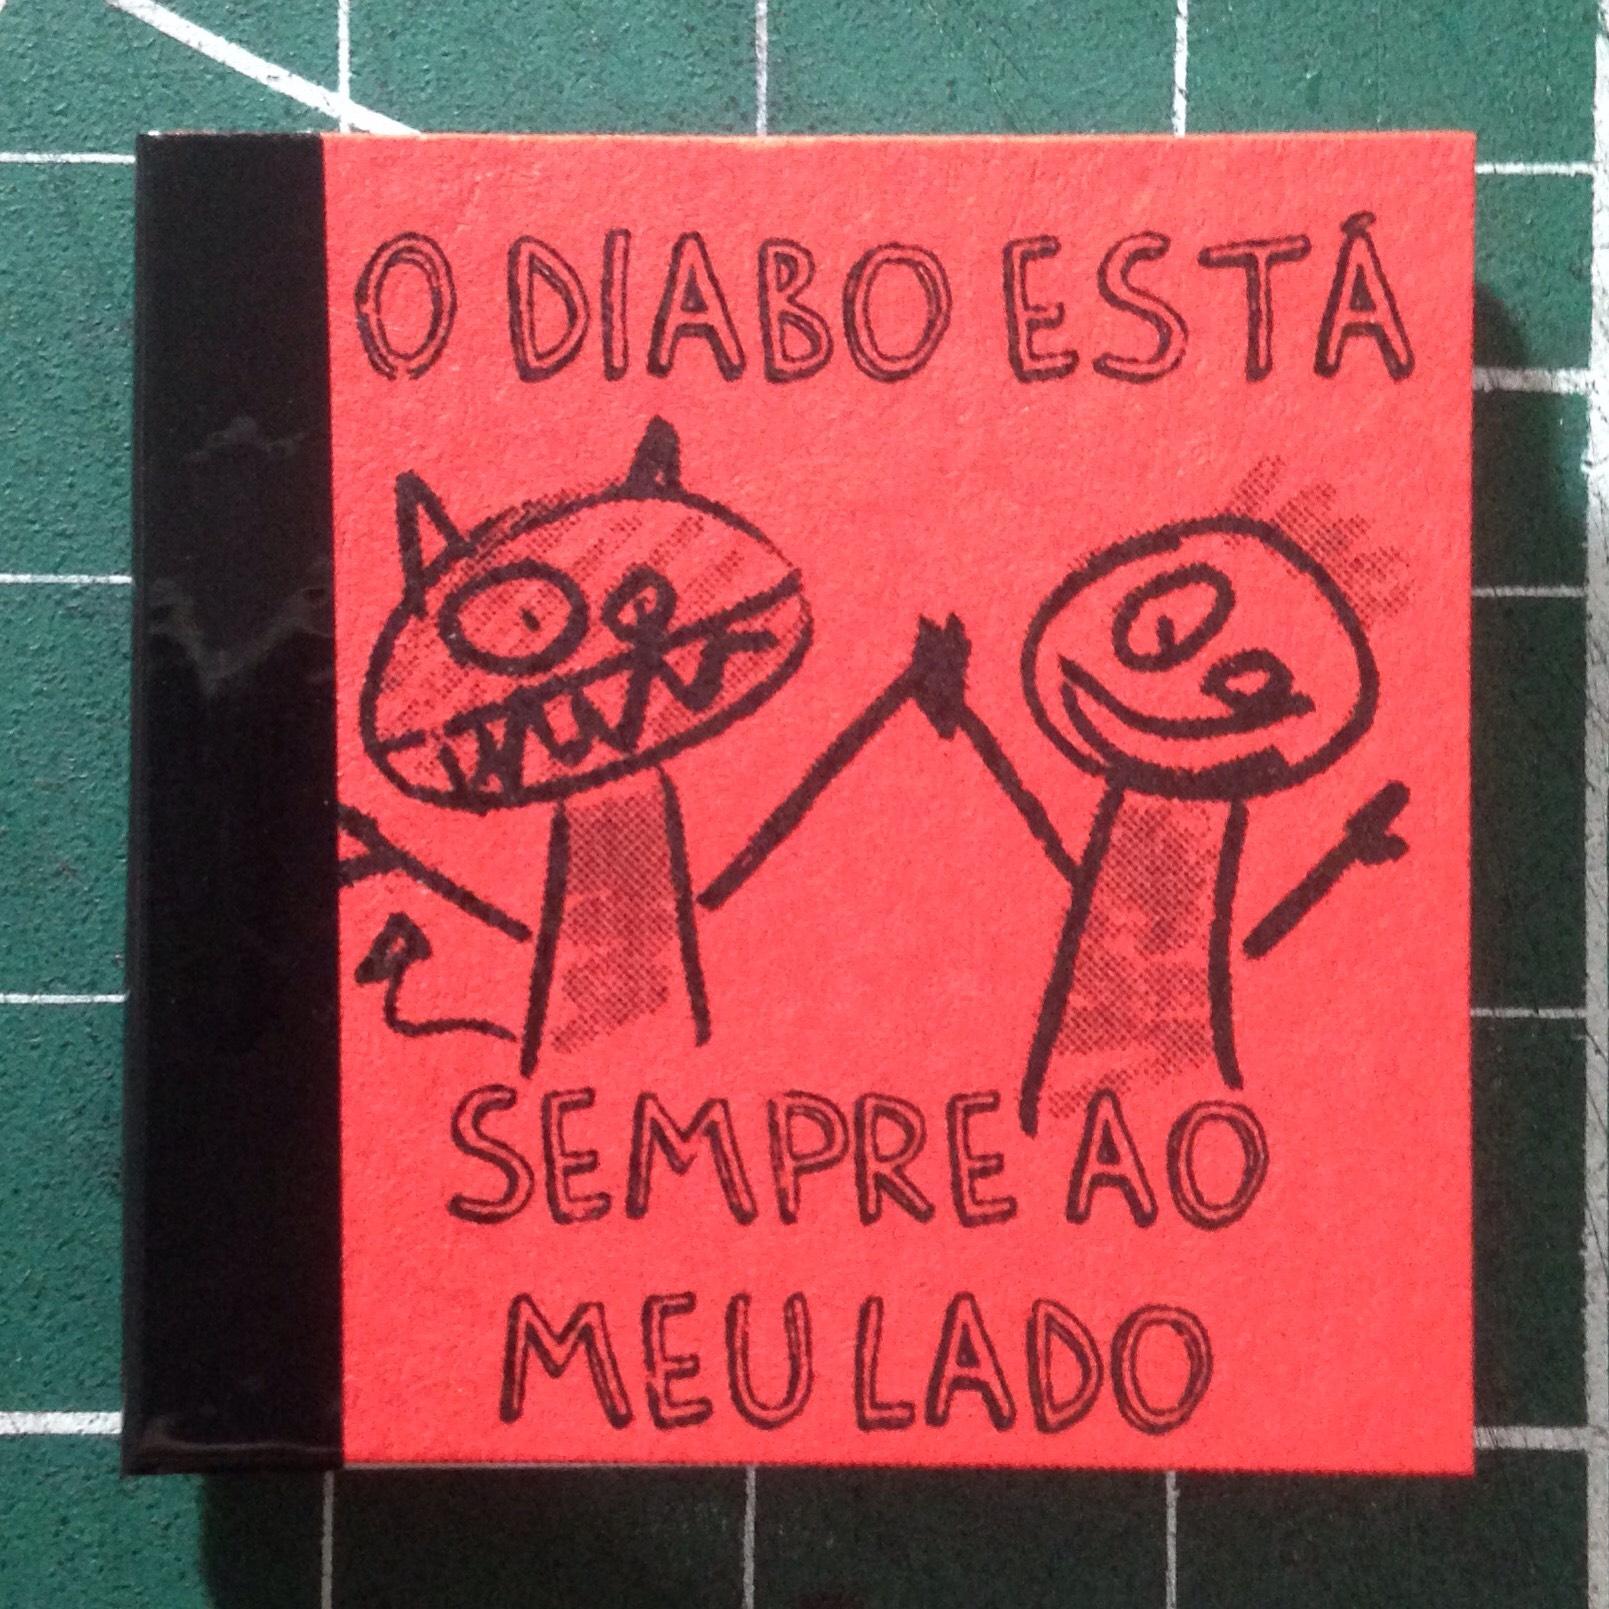 Herdeiro Do Diabo in diabo   elo7